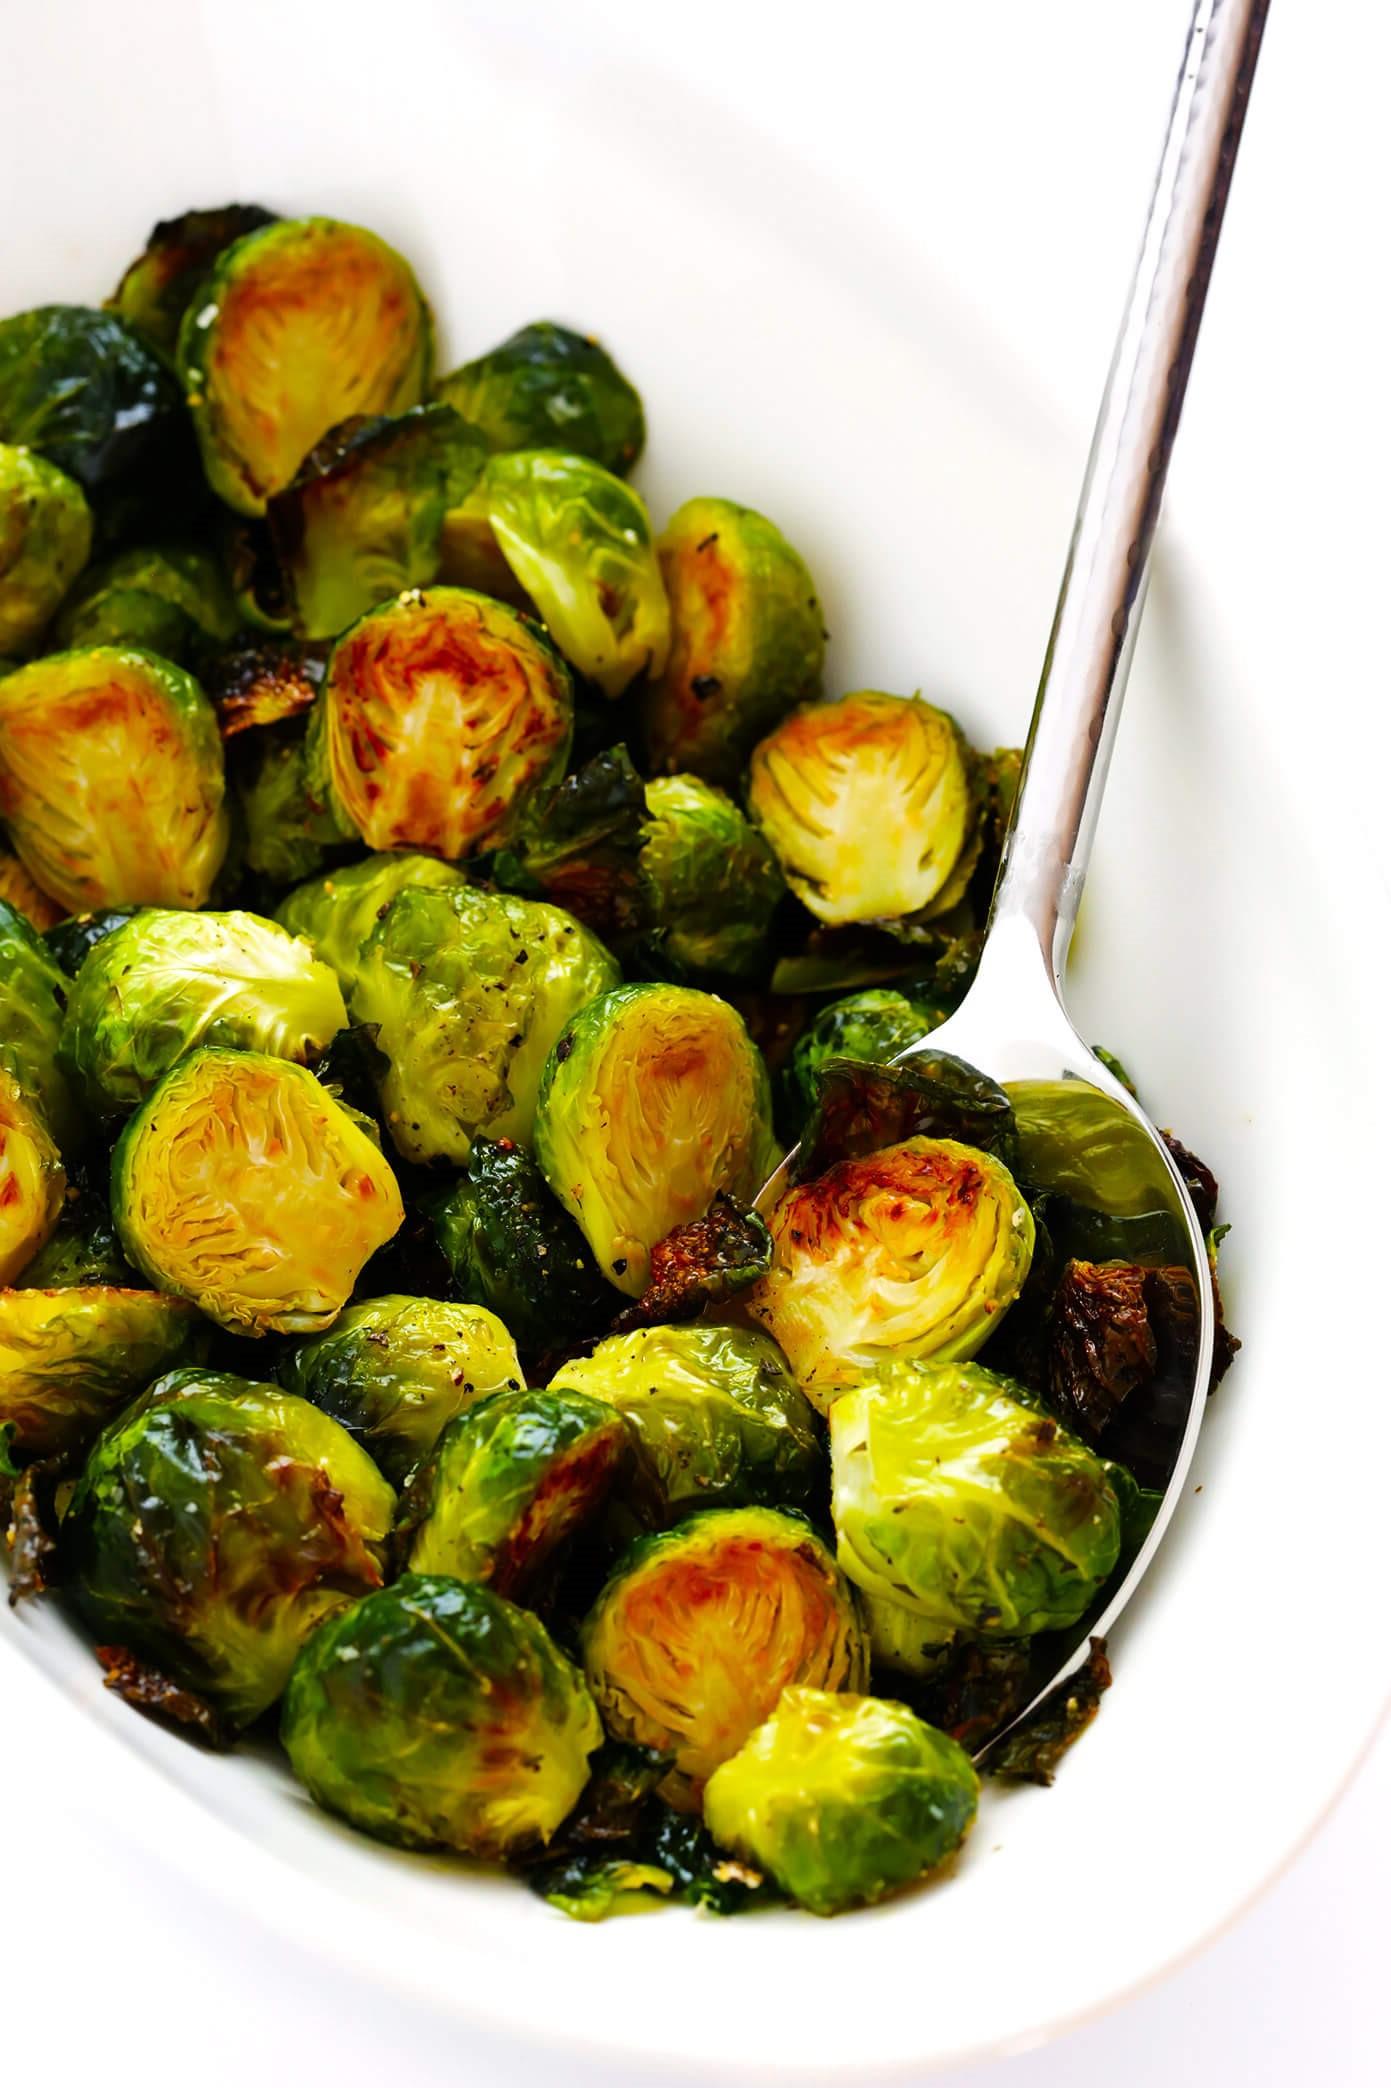 Les choux de Bruxelles sont des légumes très nutritifs, liés au brocoli et au chou frisé.